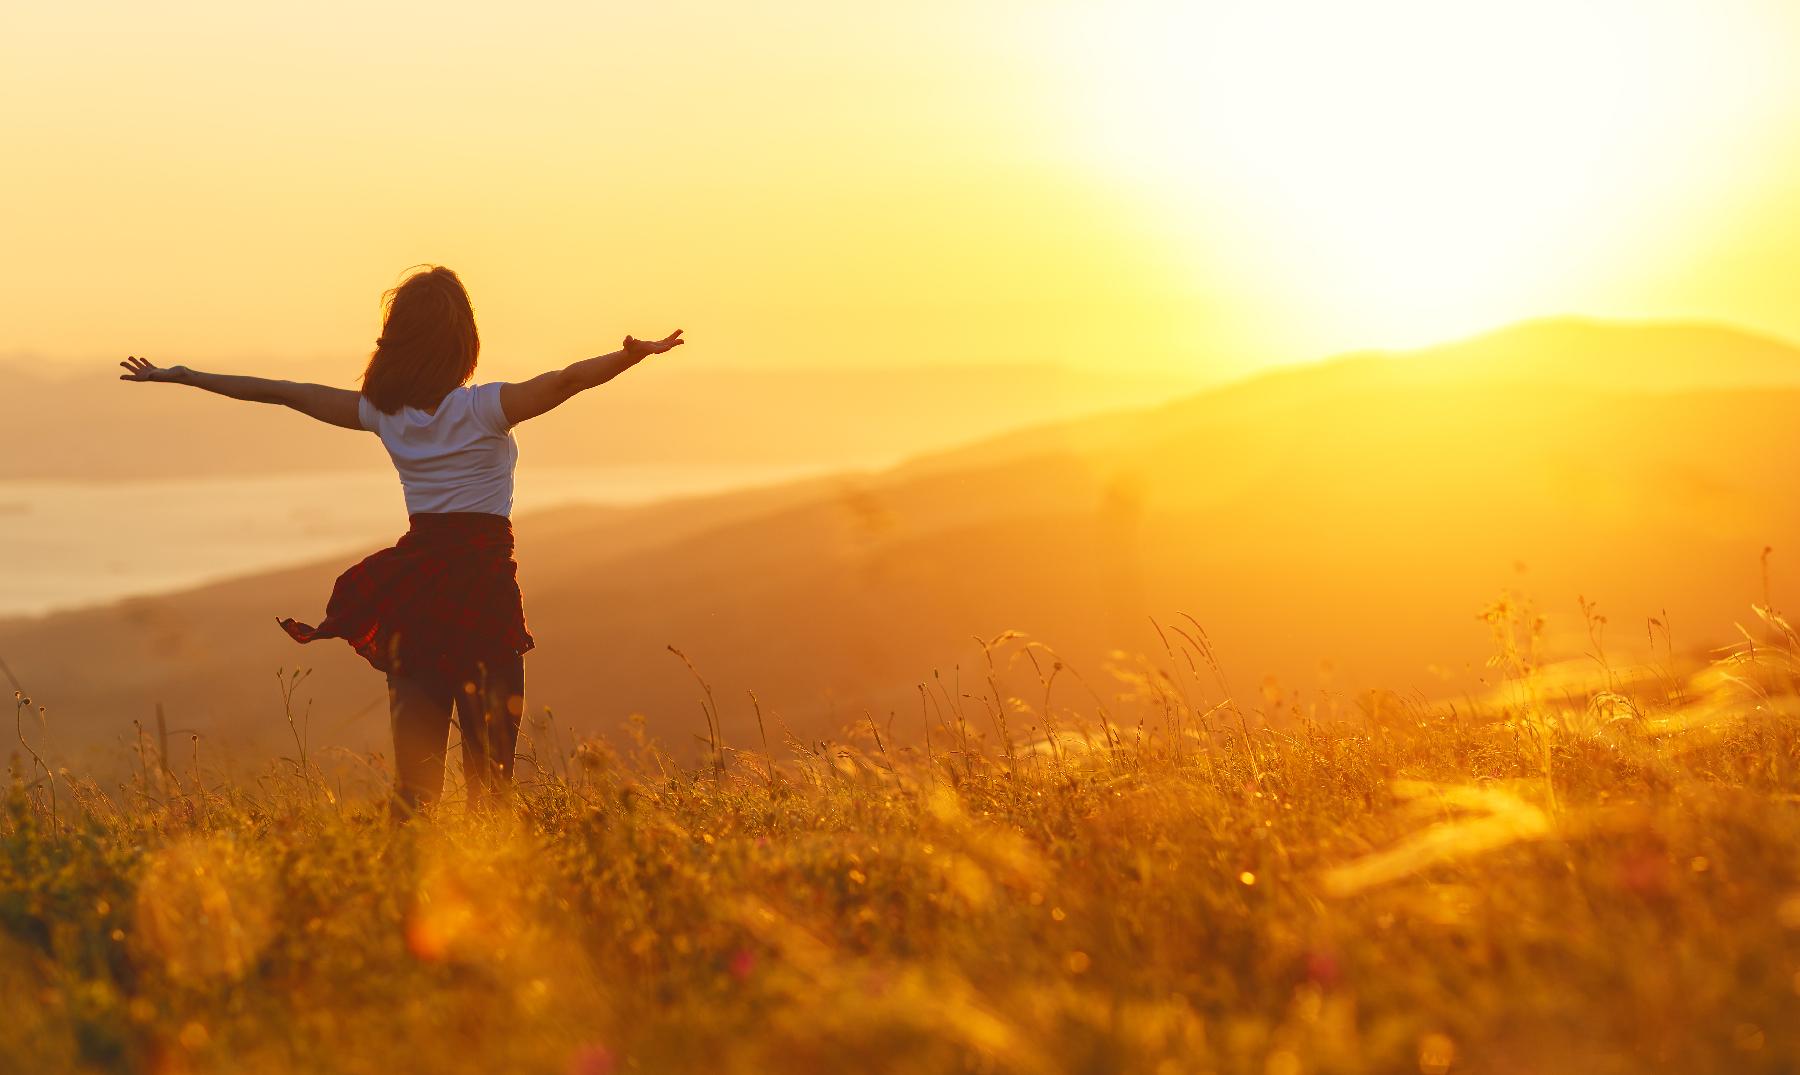 mejorar felicidad